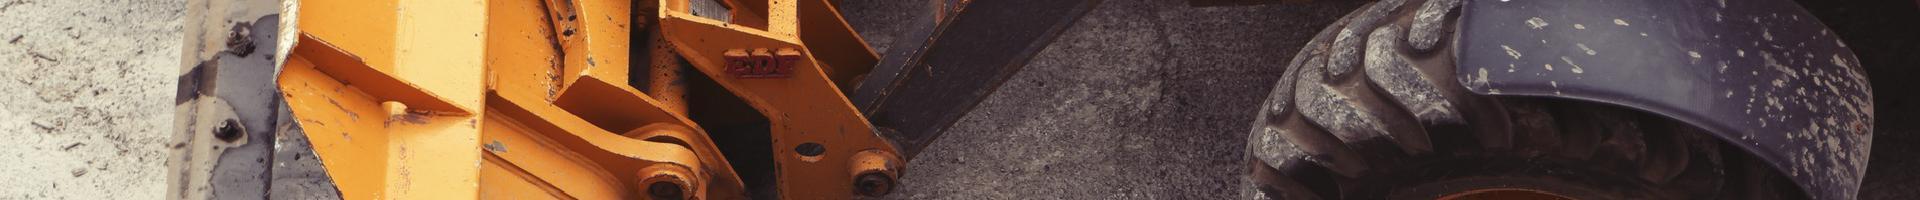 Über 30 Leasing- und Mietkaufangebote für Radlader im Sofortvergleich